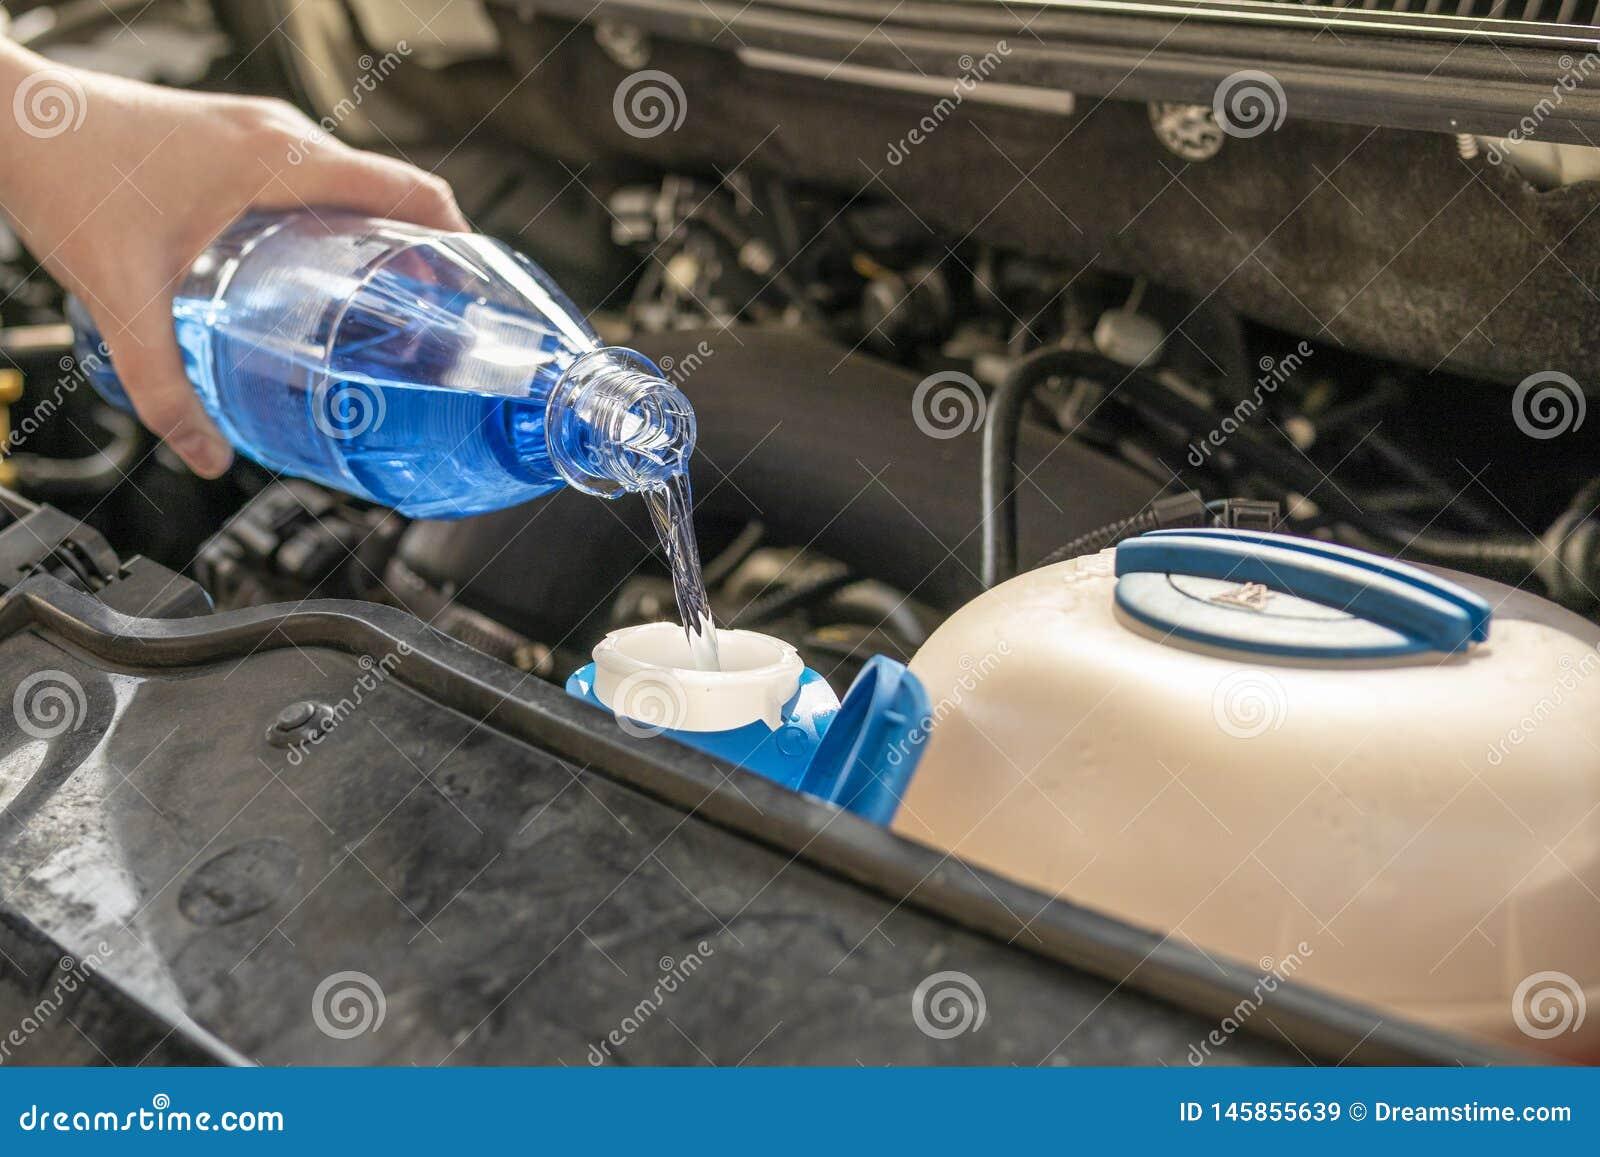 Motor check refill wash fluid